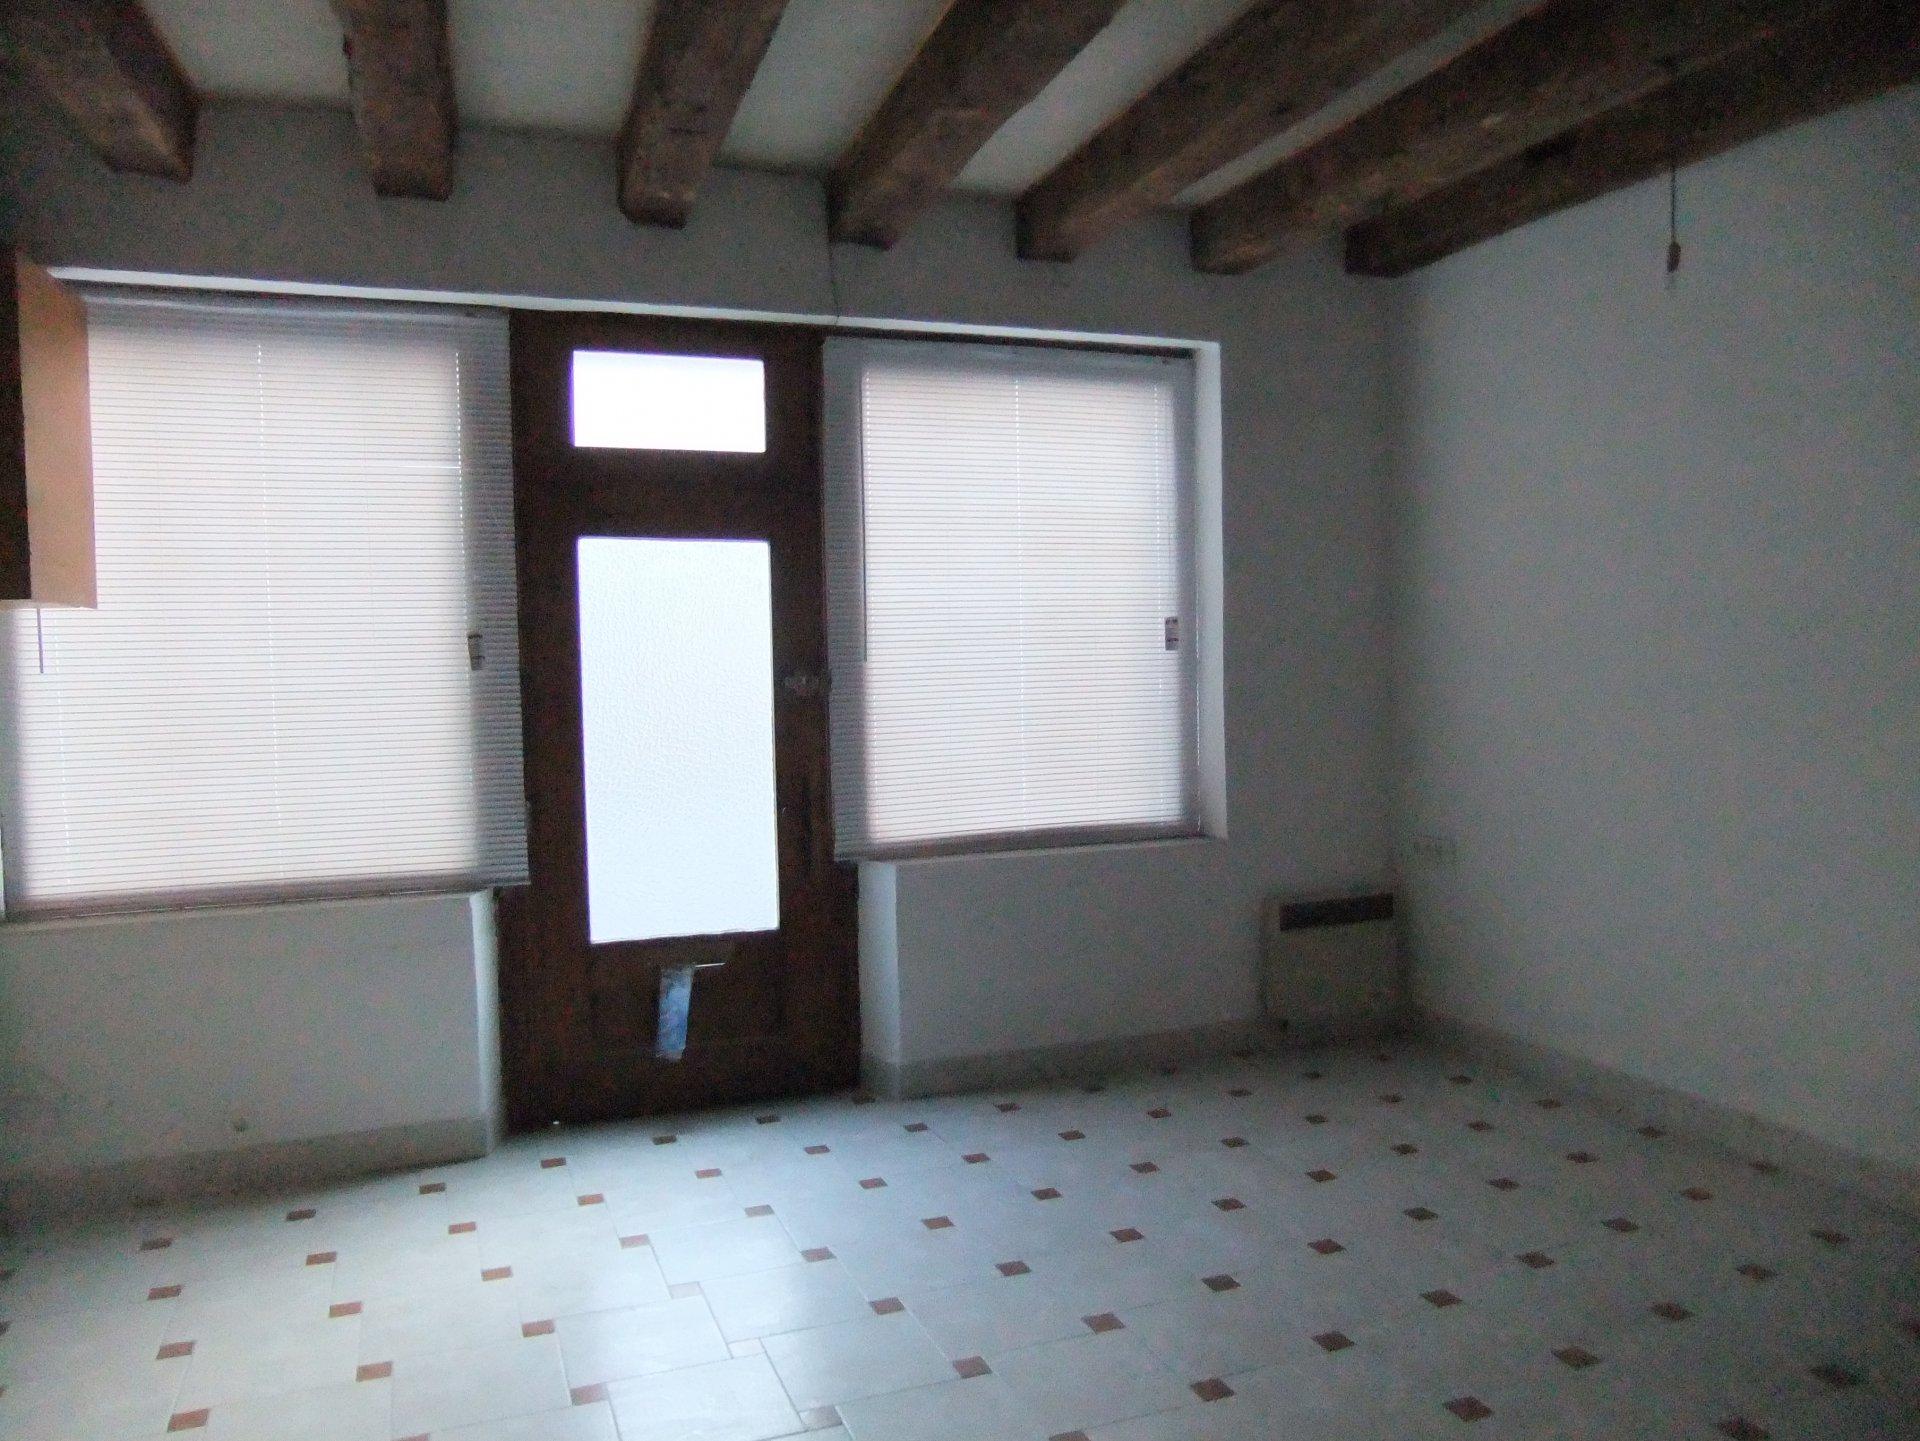 MAISON DE VILLAGE T4 de 113 m² - GARAGE - dans le bourg - pas de jardin ni cour